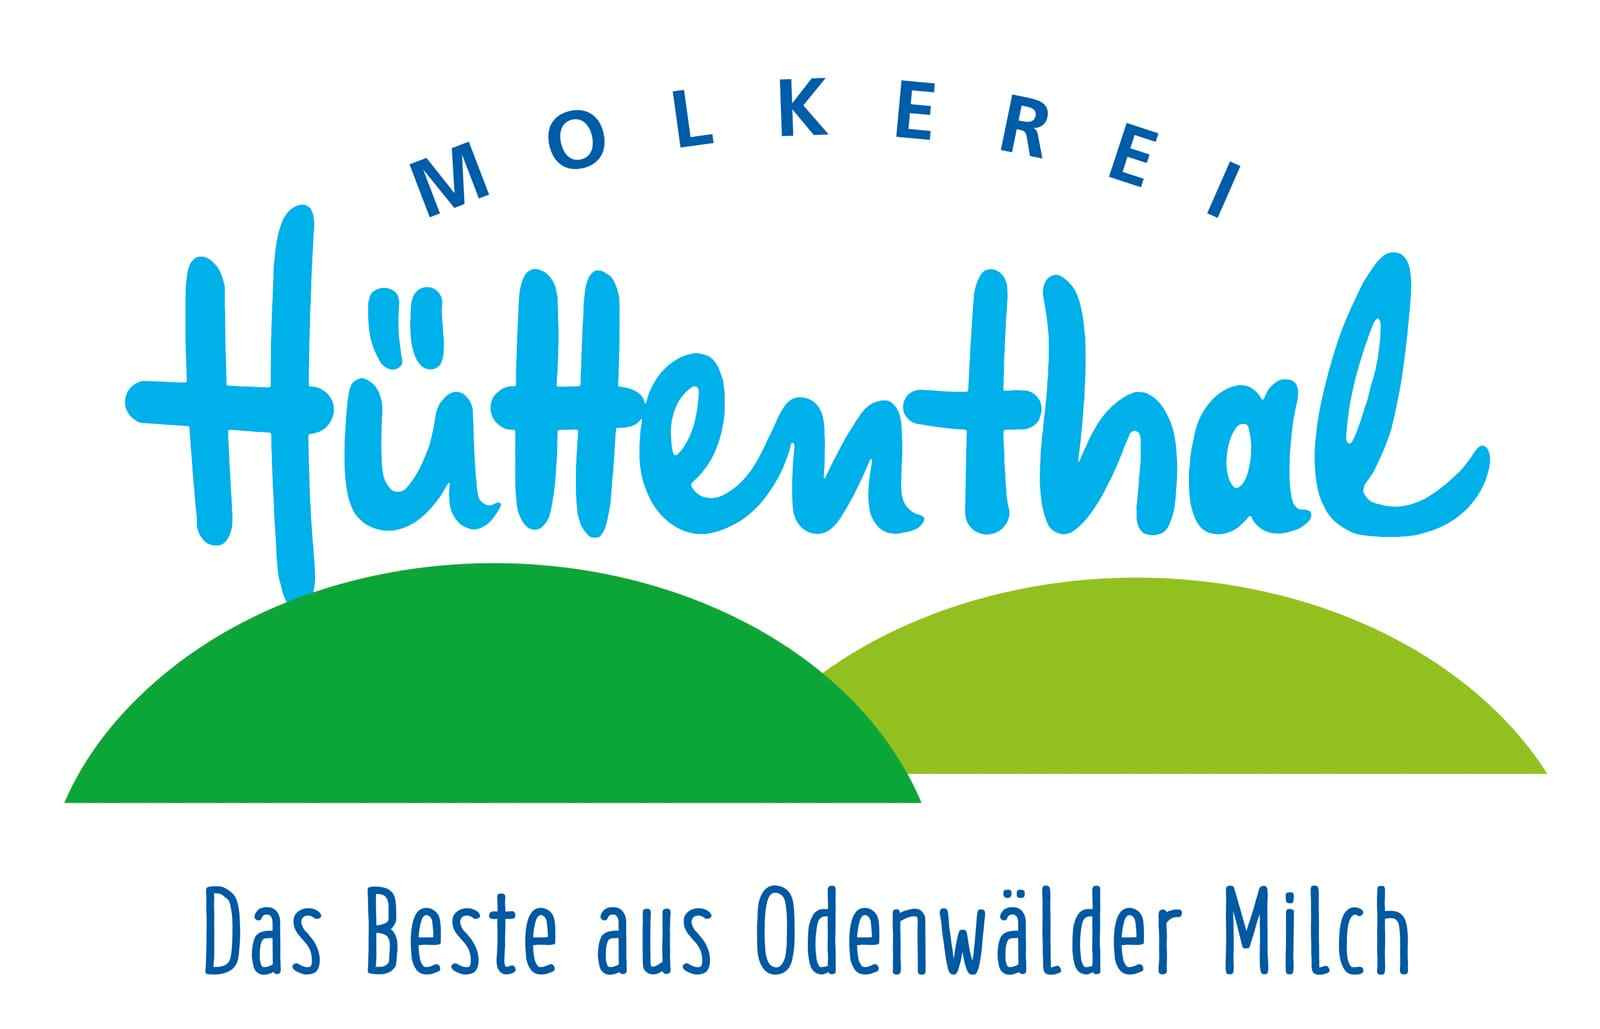 erzeuger-huettenthal-mossautal_8